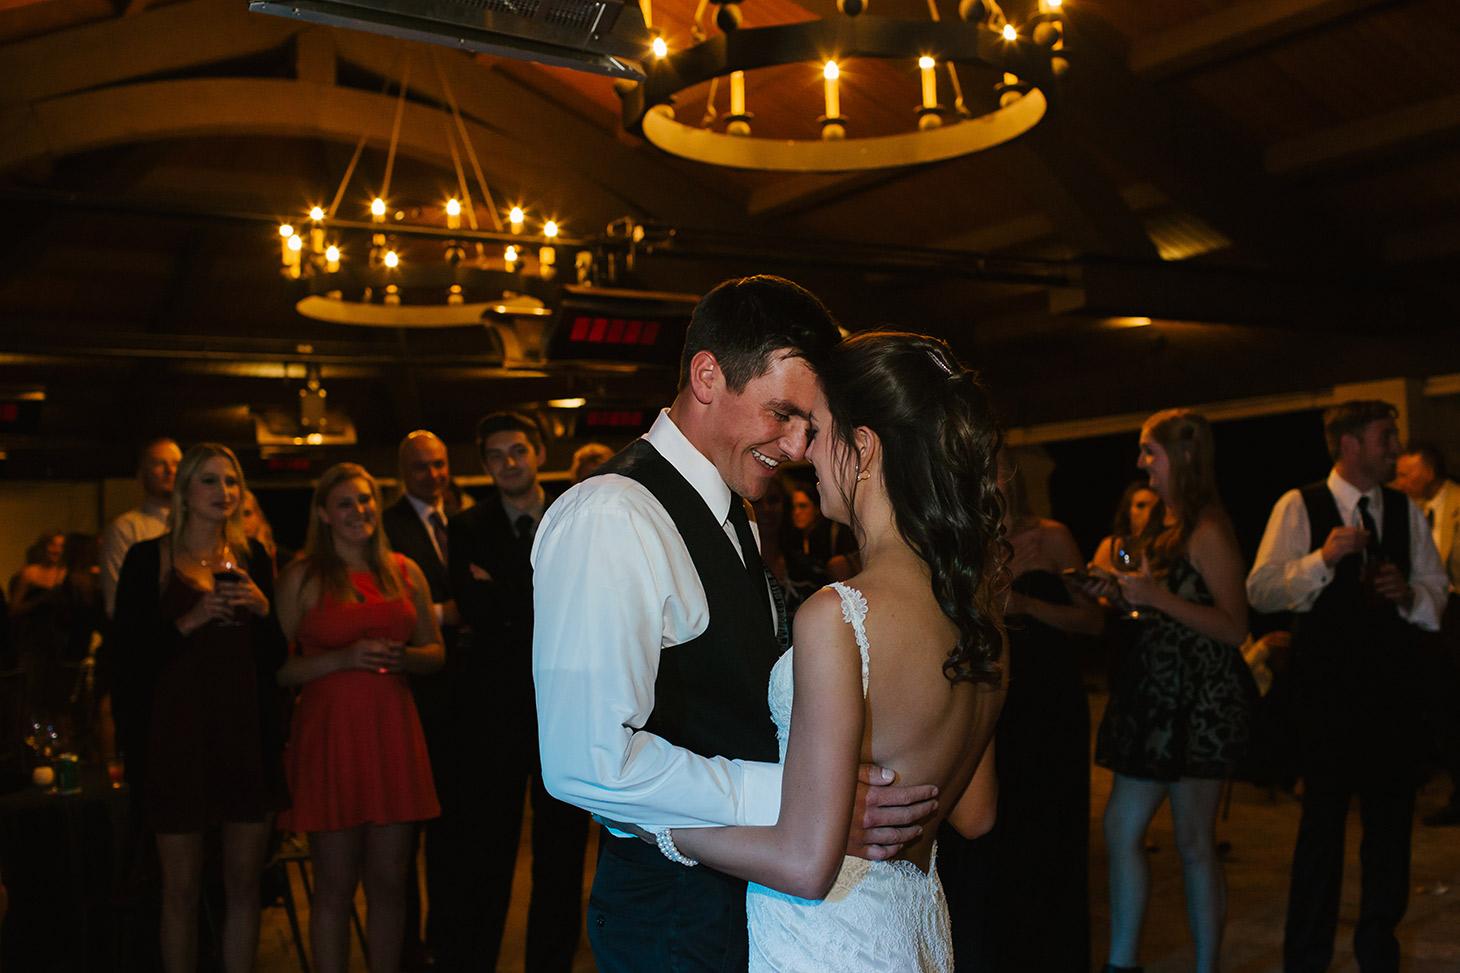 Megan-Newton-Photography-Best-Wedding-Photos-2015-333